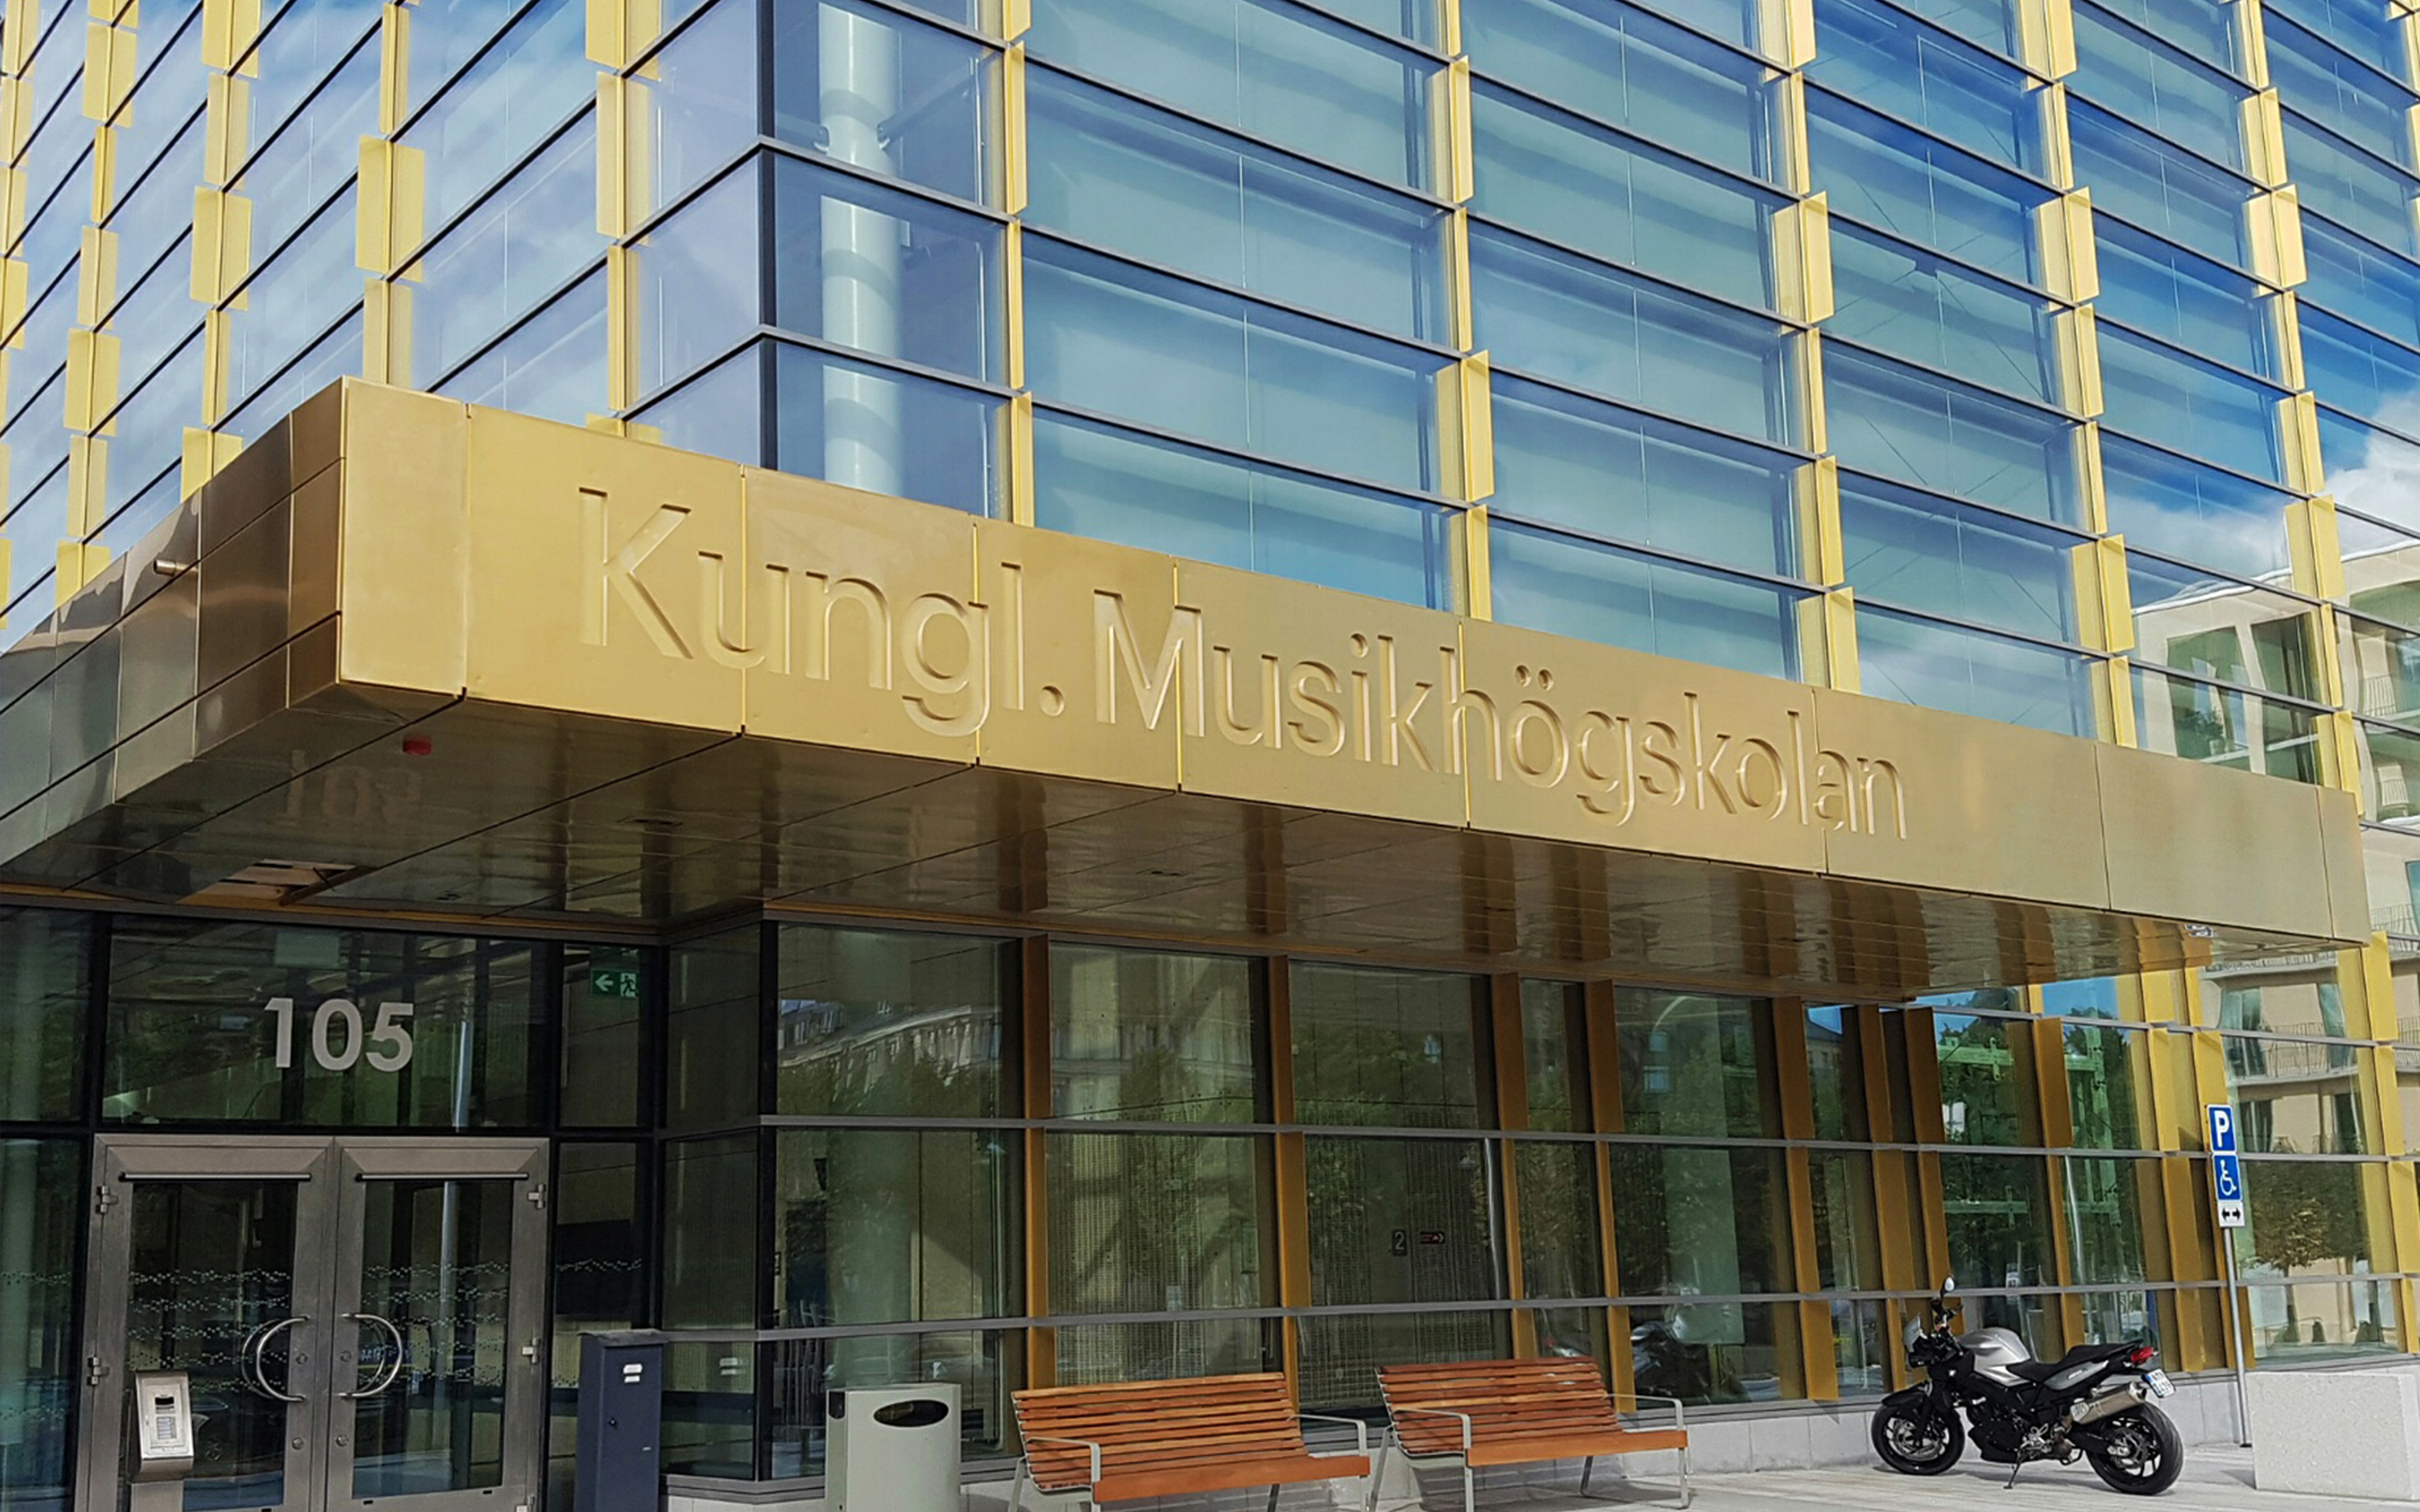 Kungliga Musikhögskolan - Entréskylt